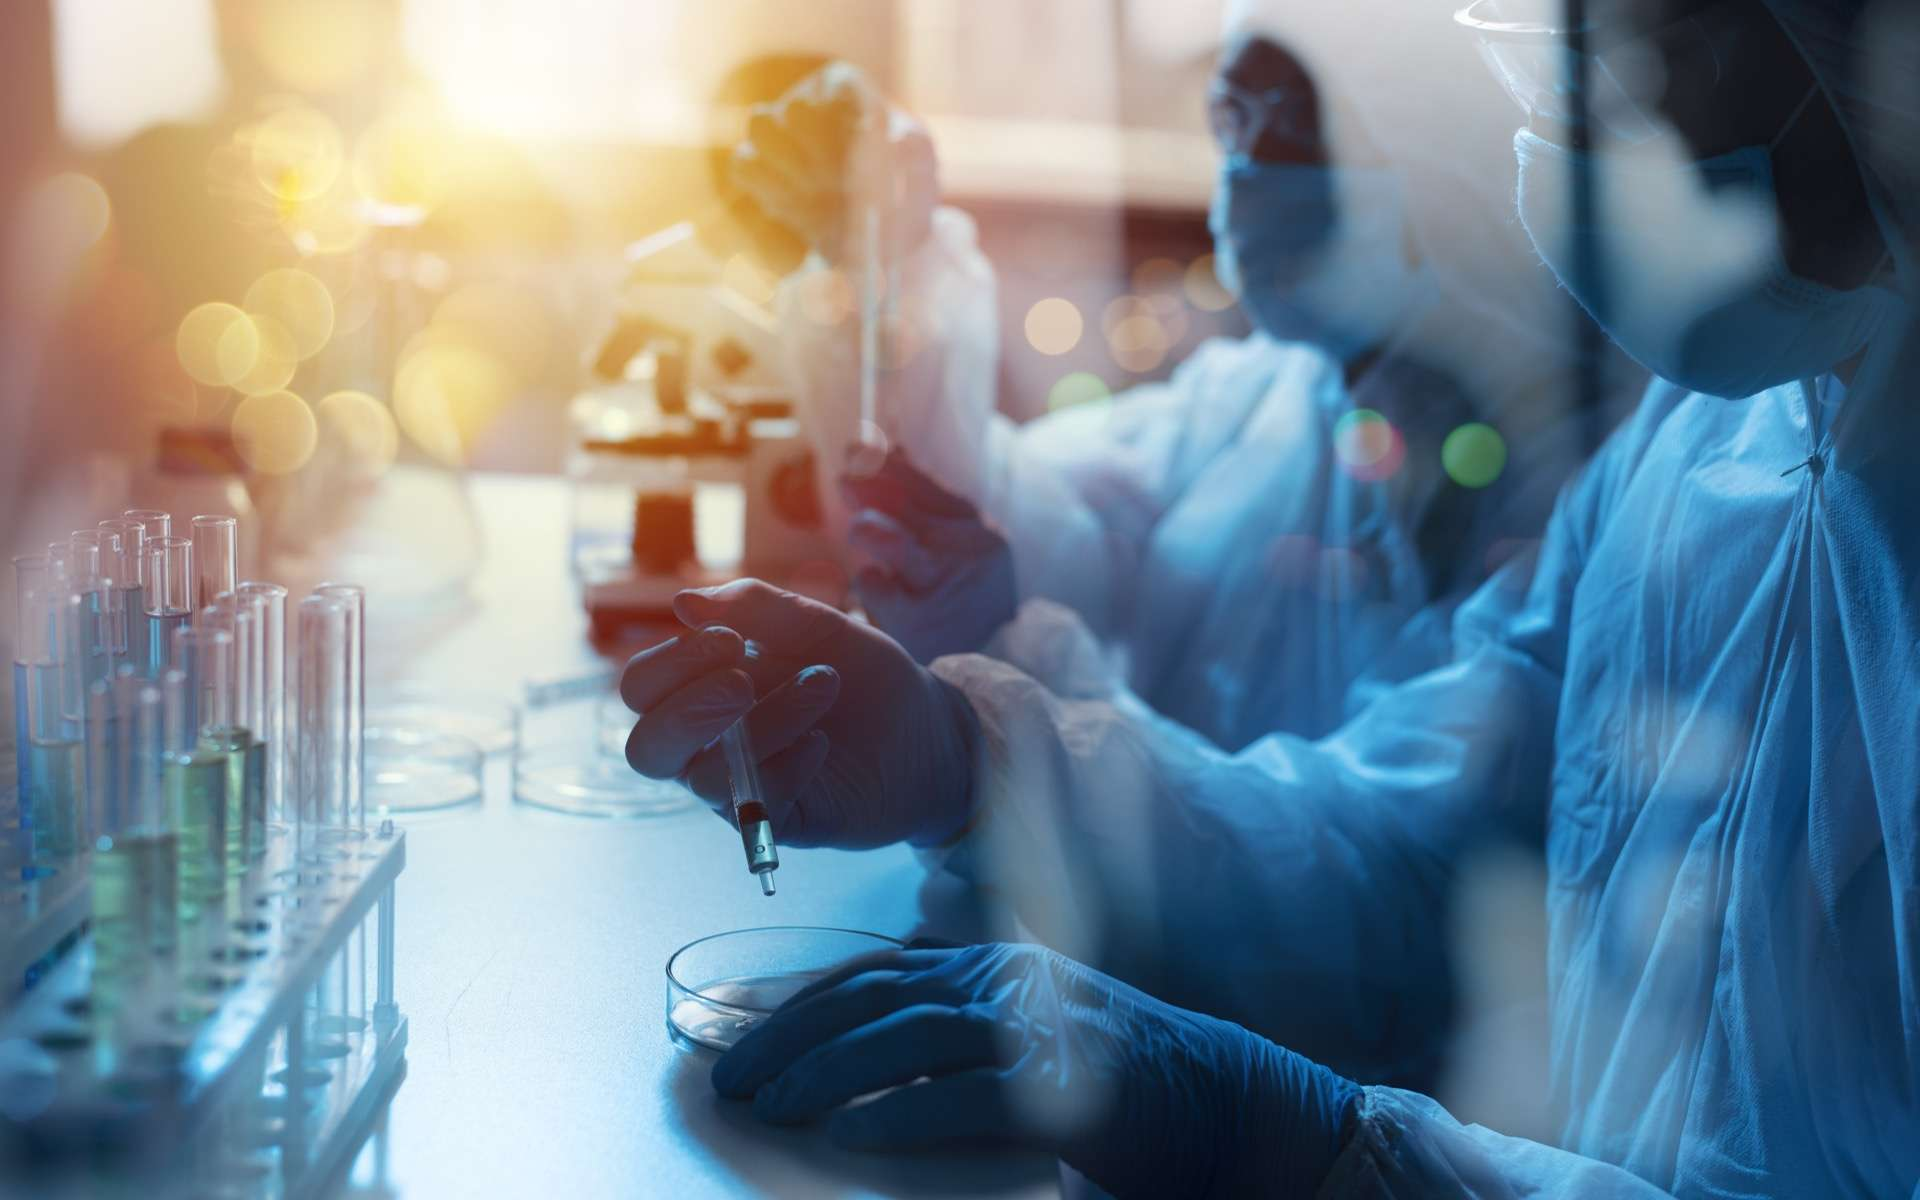 Des leurres biologiques sous forme de vésicules pourraient stopper l'infection du virus SARS-CoV-2. © alphaspirit, Adobe Stock